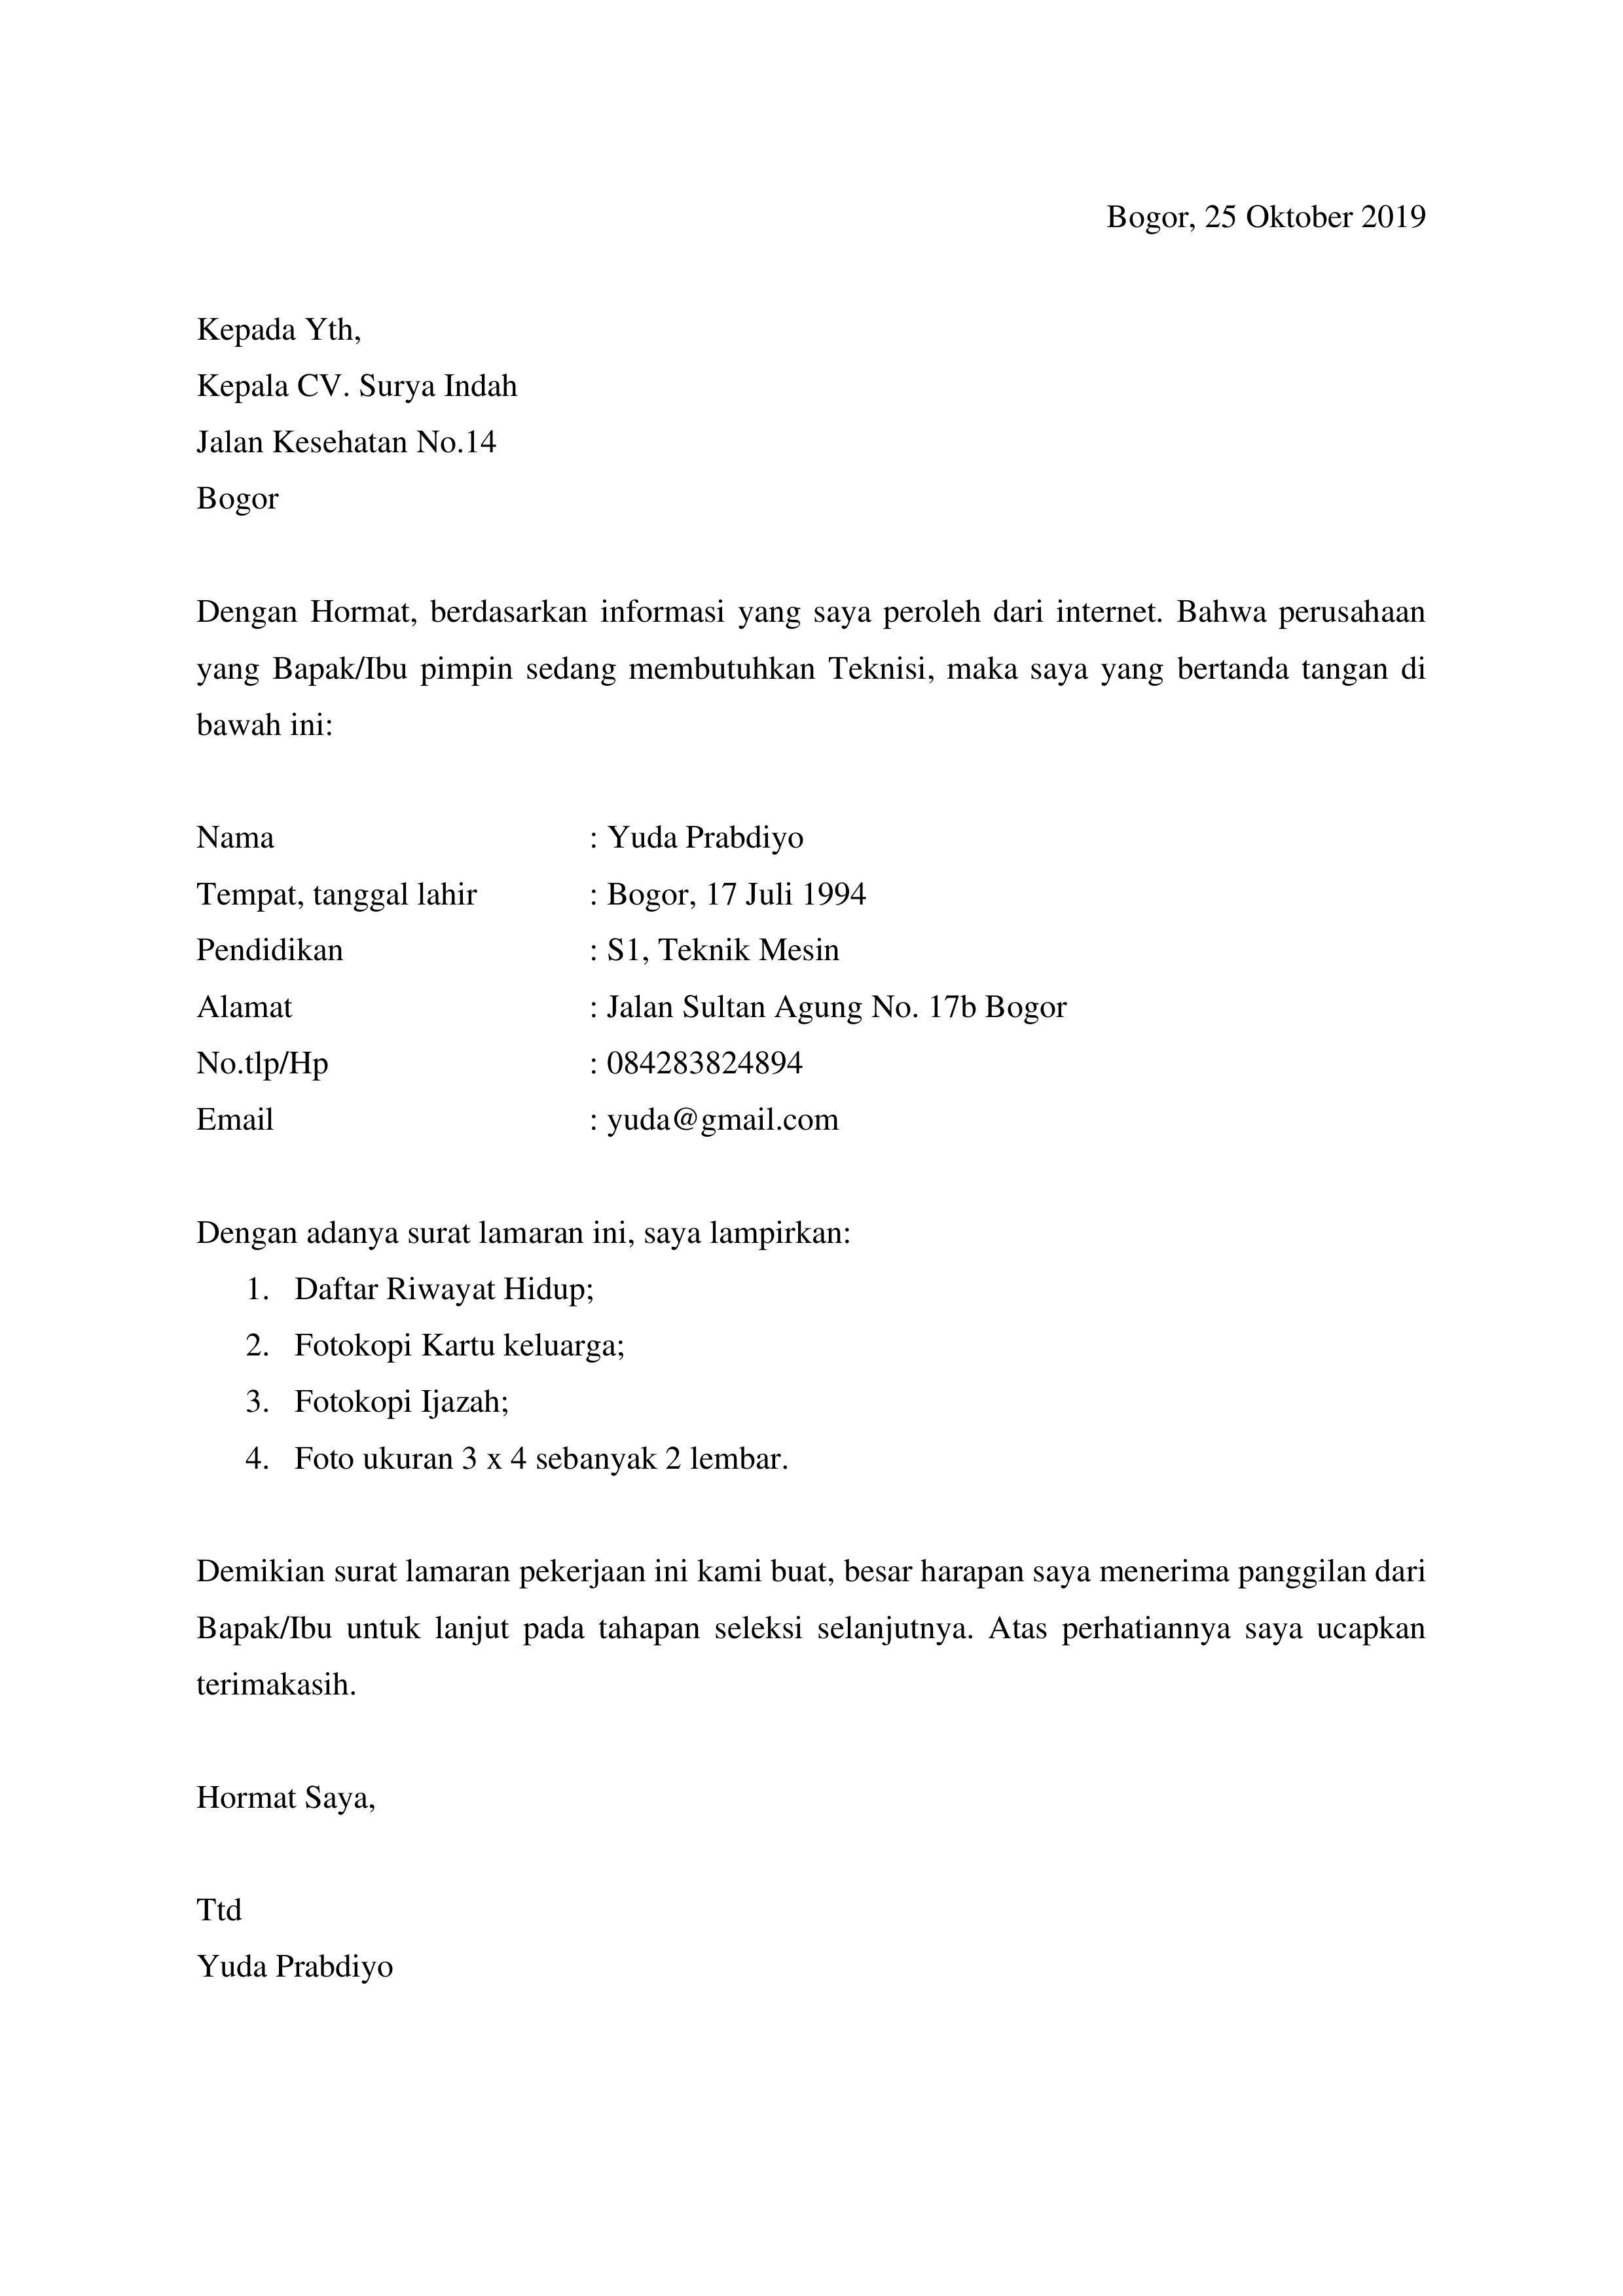 Download Contoh Surat Lamaran Kerja Simple Via Email Contoh Surat